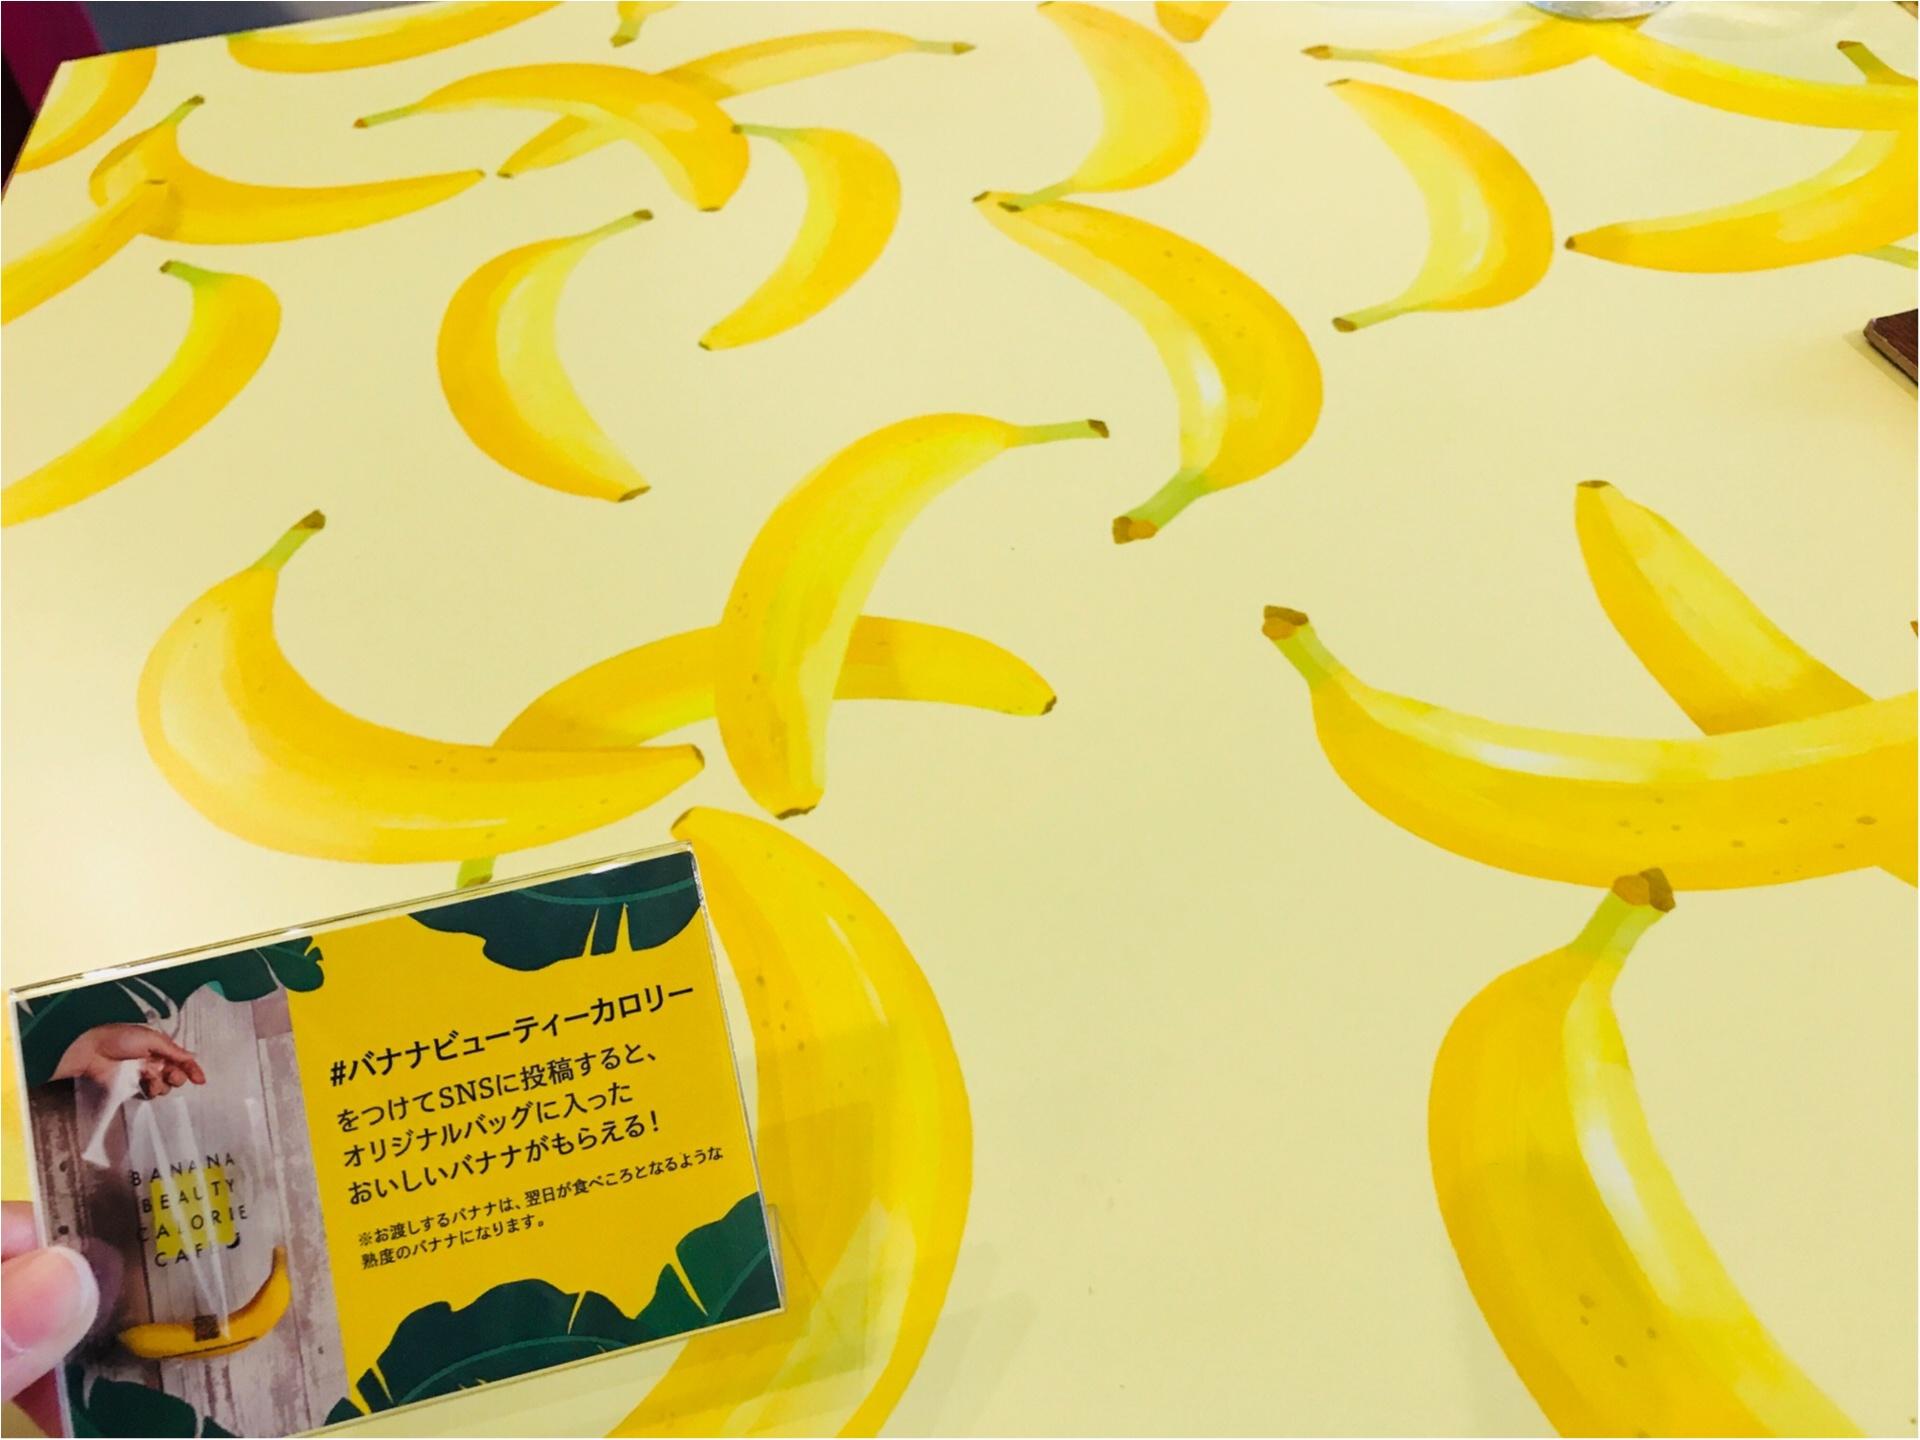 4日限定オープン!【バナナビューティーカロリーカフェ】がバナナづくしだった♡_7